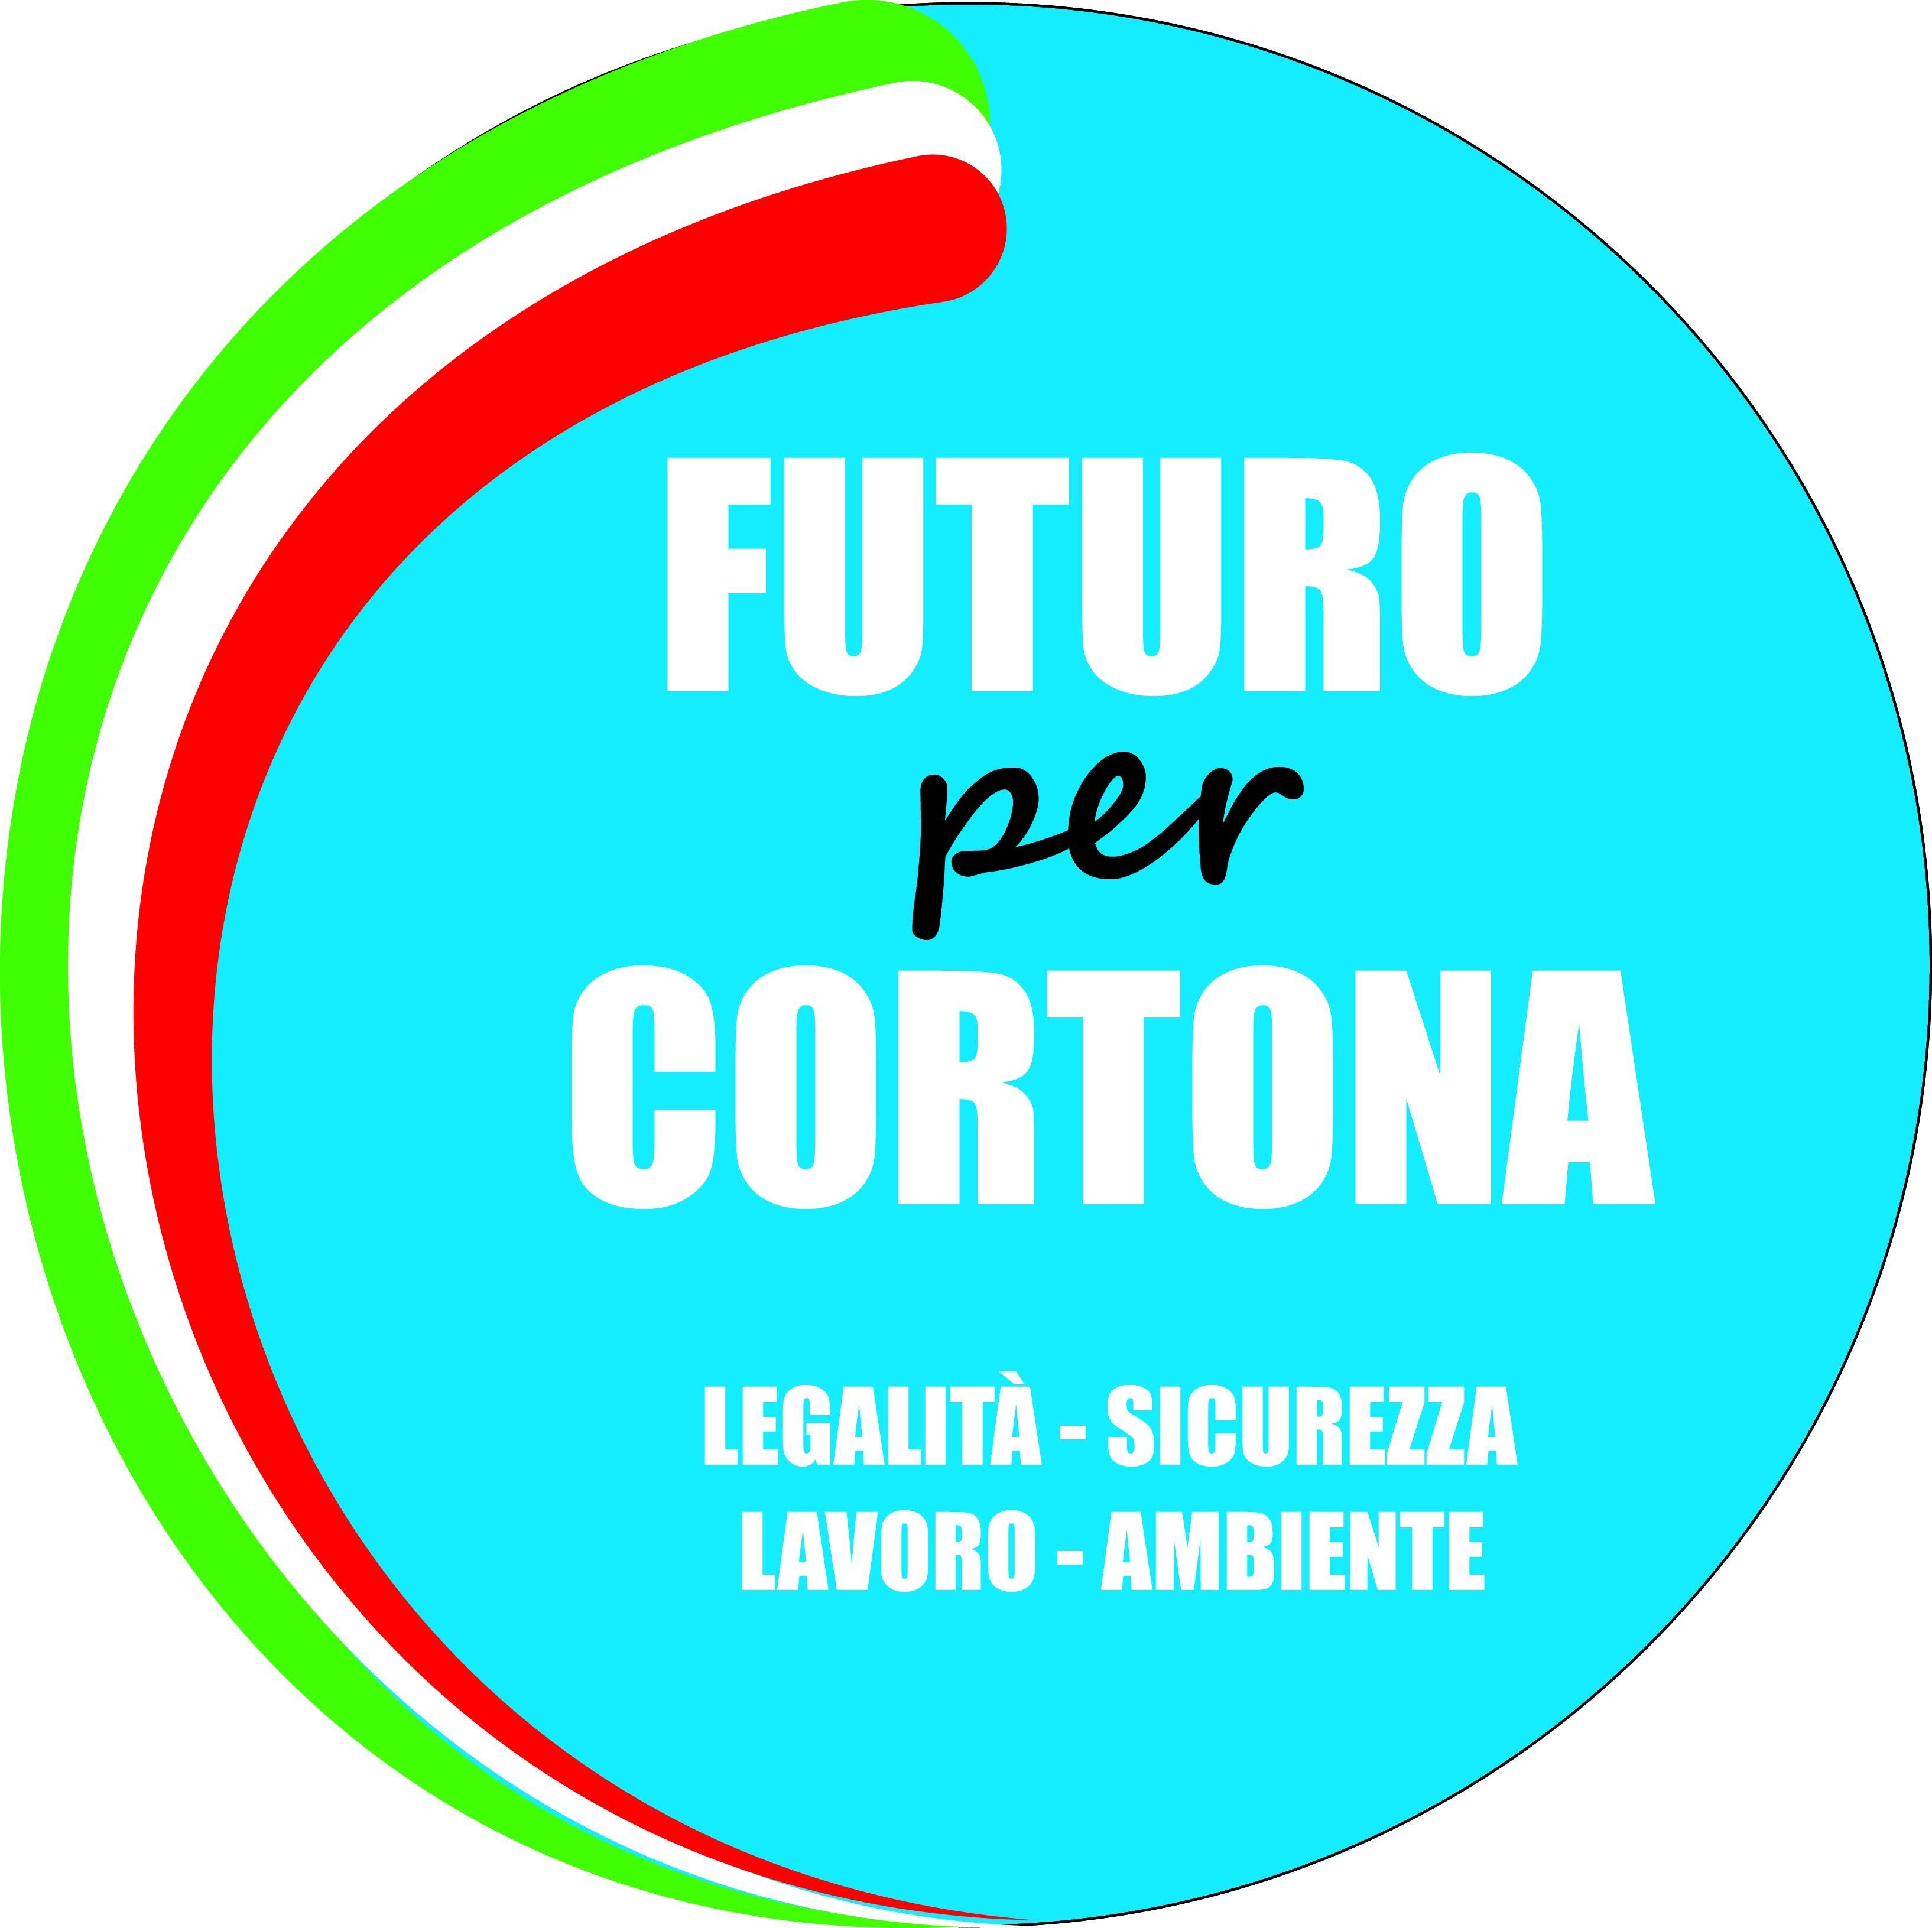 Futuro per Cortona: Meoni interverrà alla conferenza sulla sicurezza a Camucia, con l'on. Bianconi e il consigliere regionale Ammirati